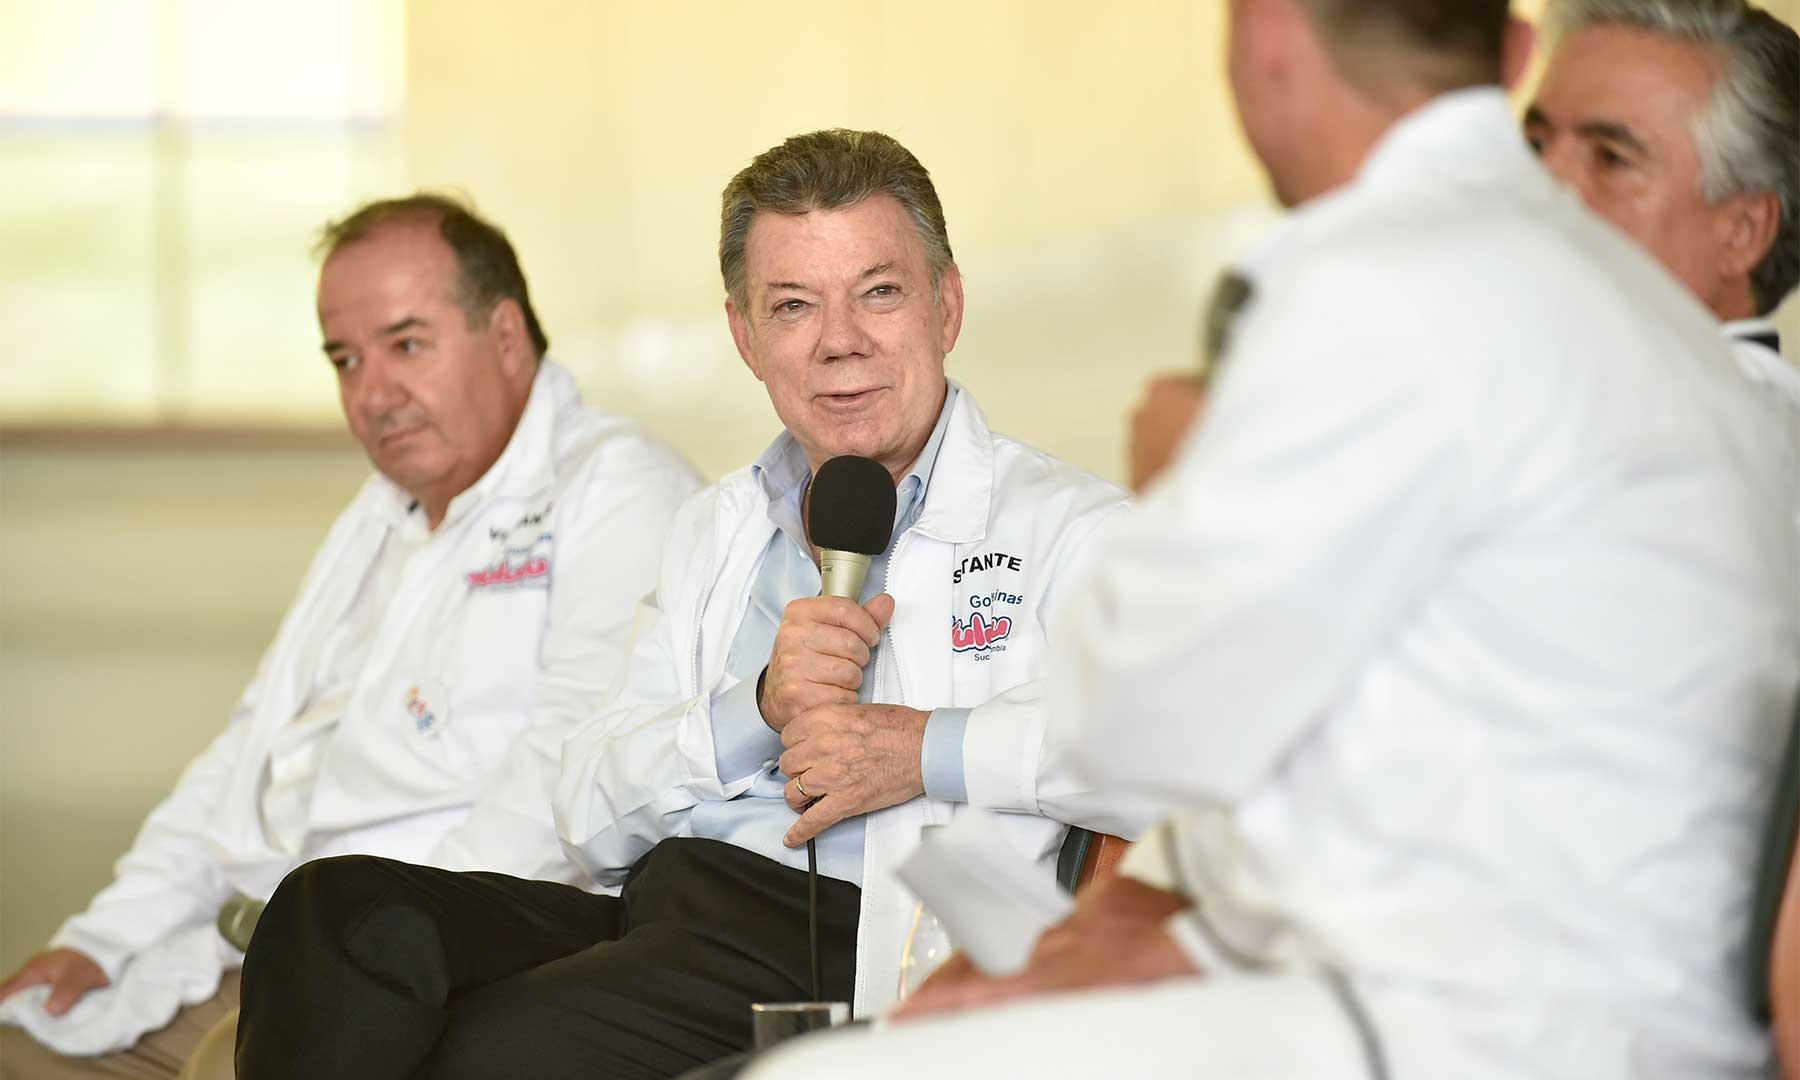 En la inauguración de la planta de Súper de Alimentos en Manizales, el Presidente Juan Manuel Santos subrayó la importancia que tendrá la paz para la industria nacional que vislumbrará múltiples oportunidades.